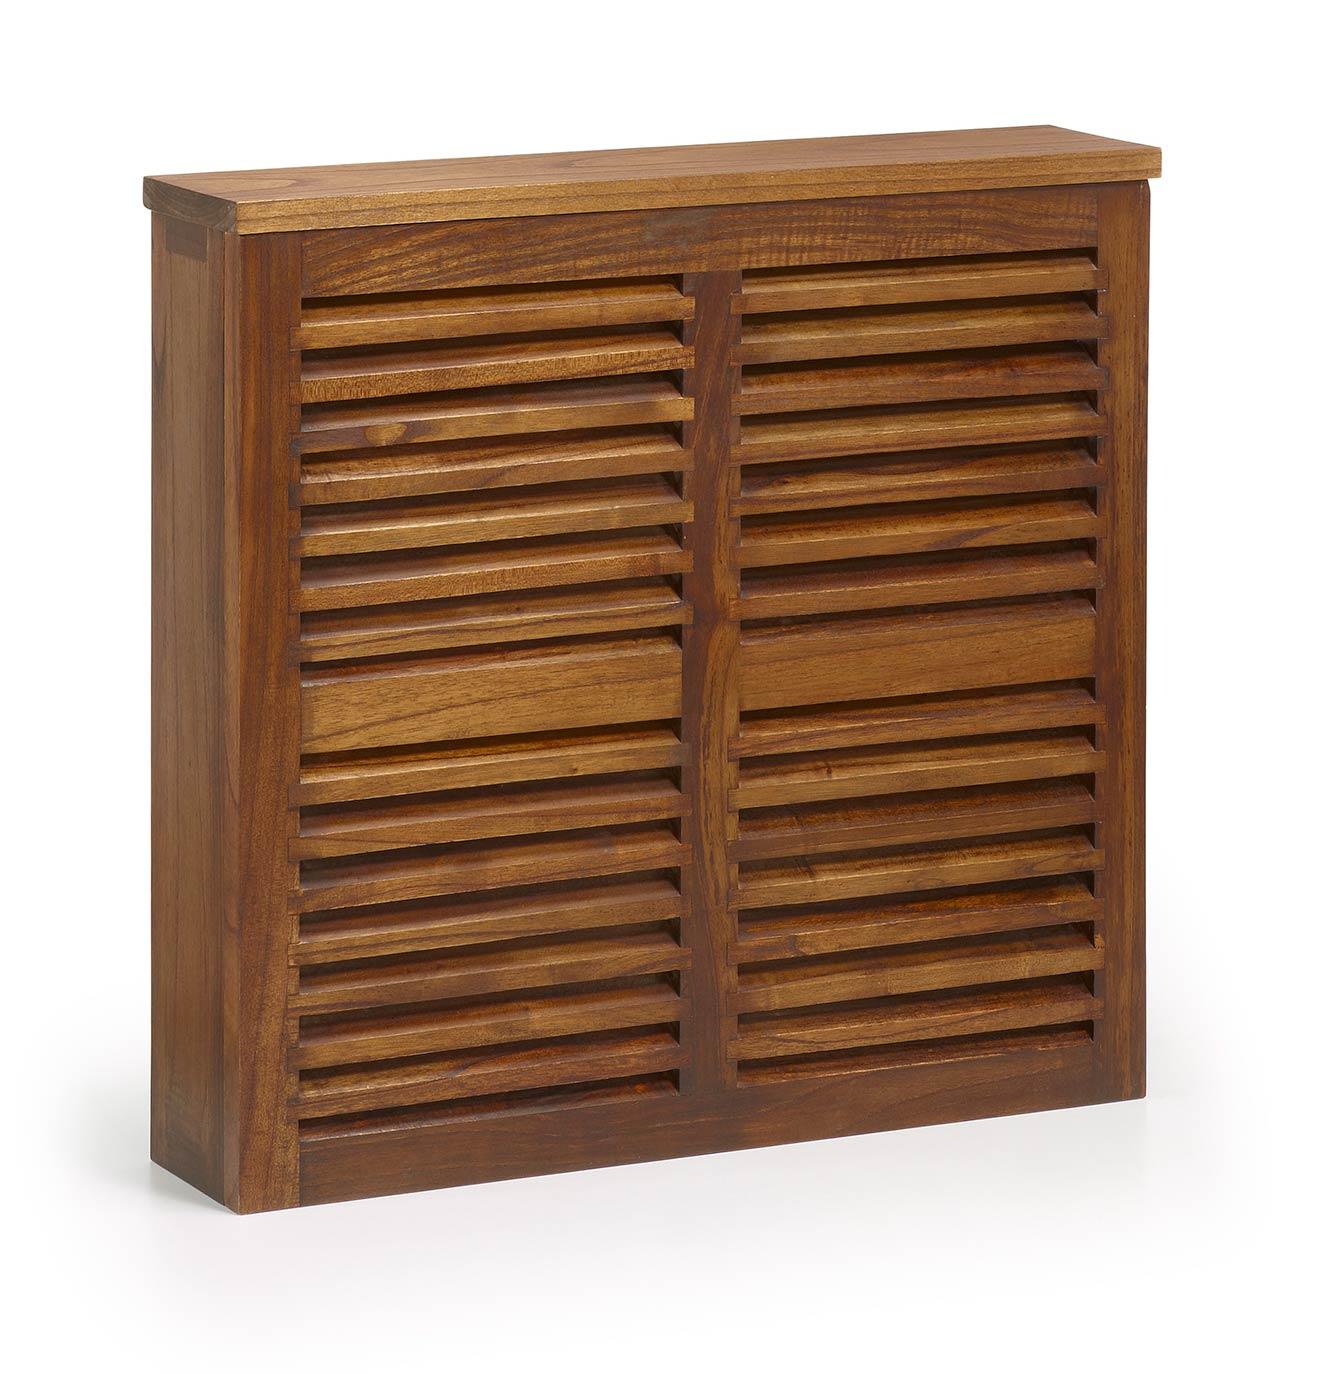 cache radiateur en bois de mindy 80 cm de longueur collection mawan. Black Bedroom Furniture Sets. Home Design Ideas